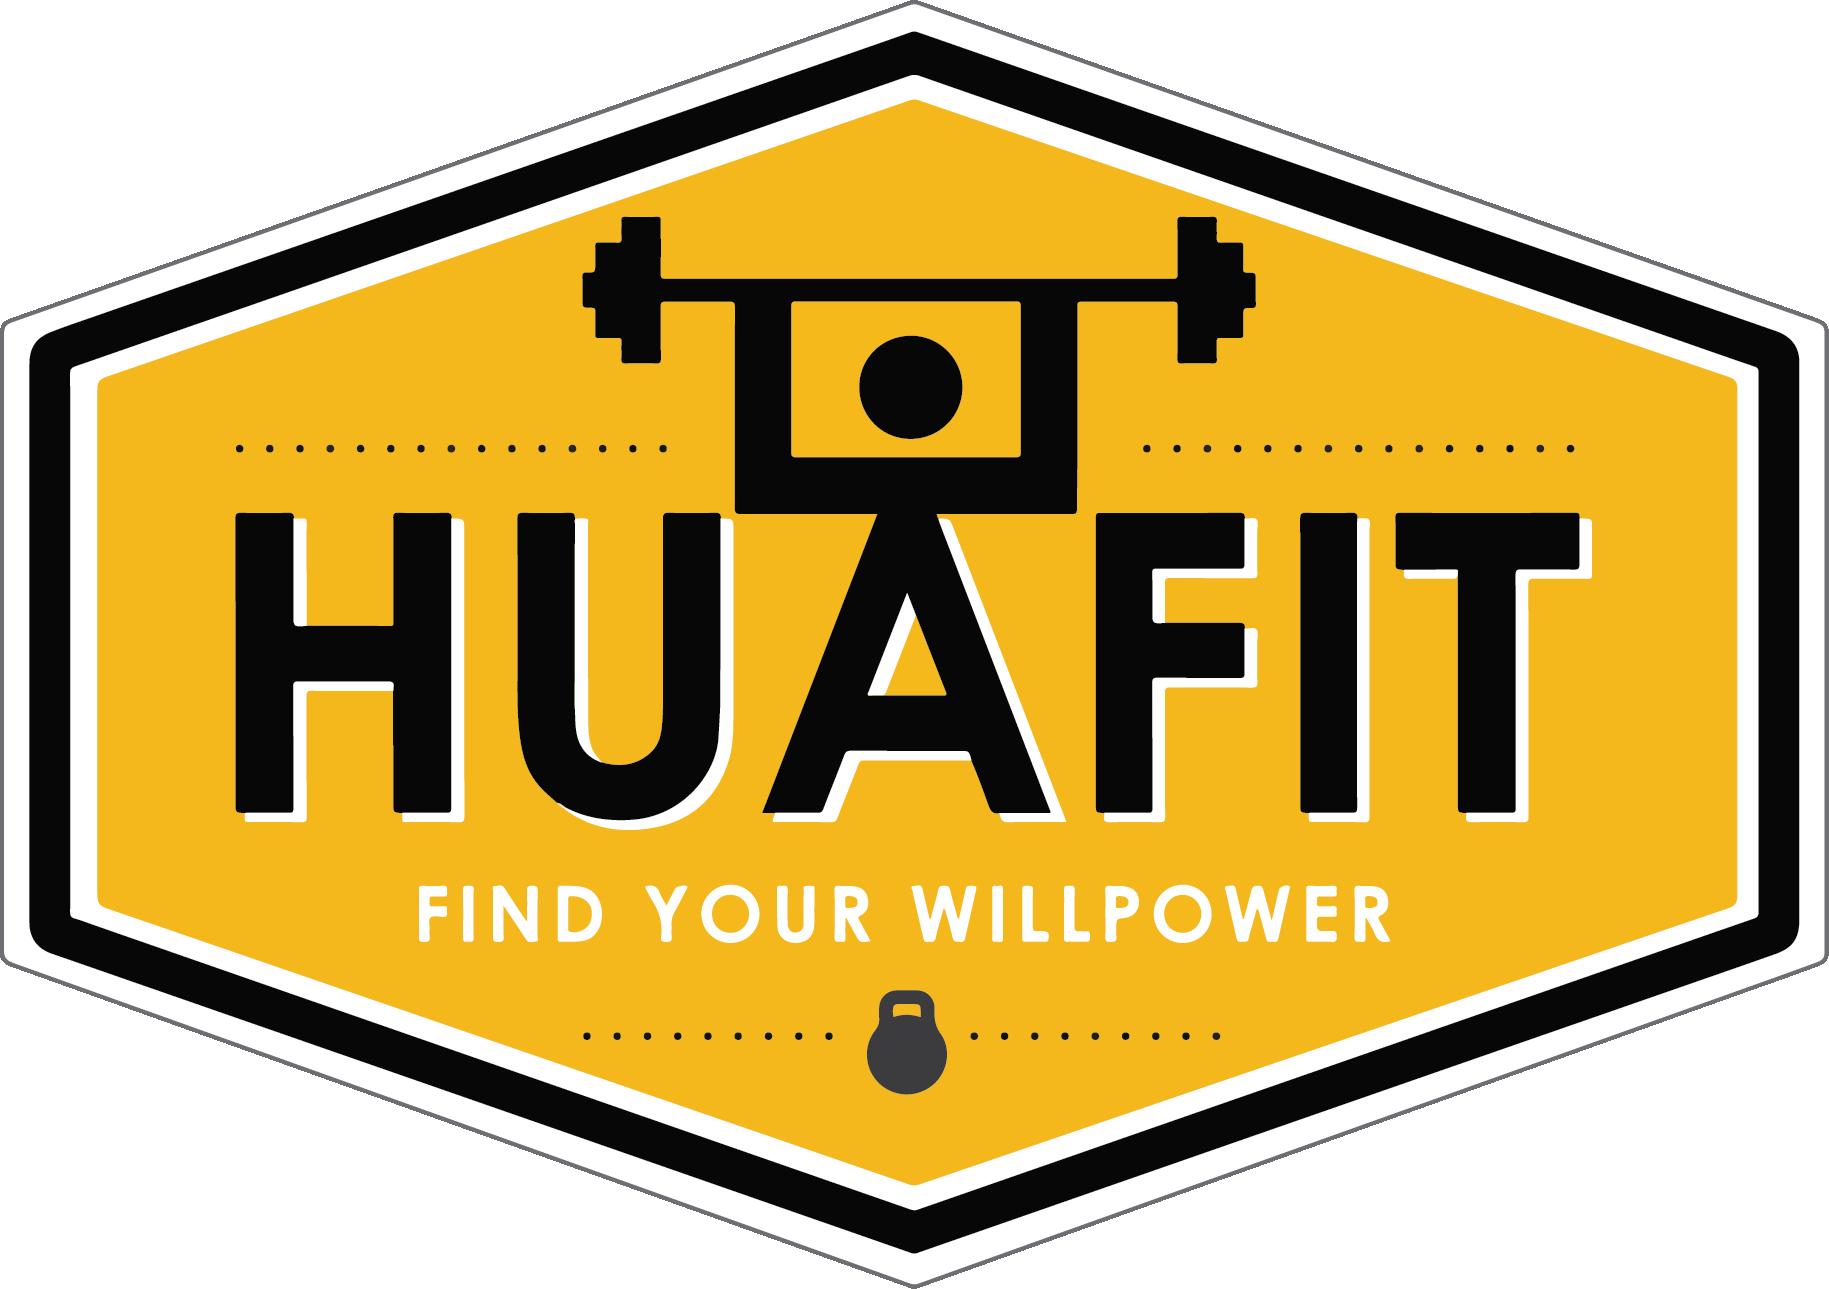 HUAFIT